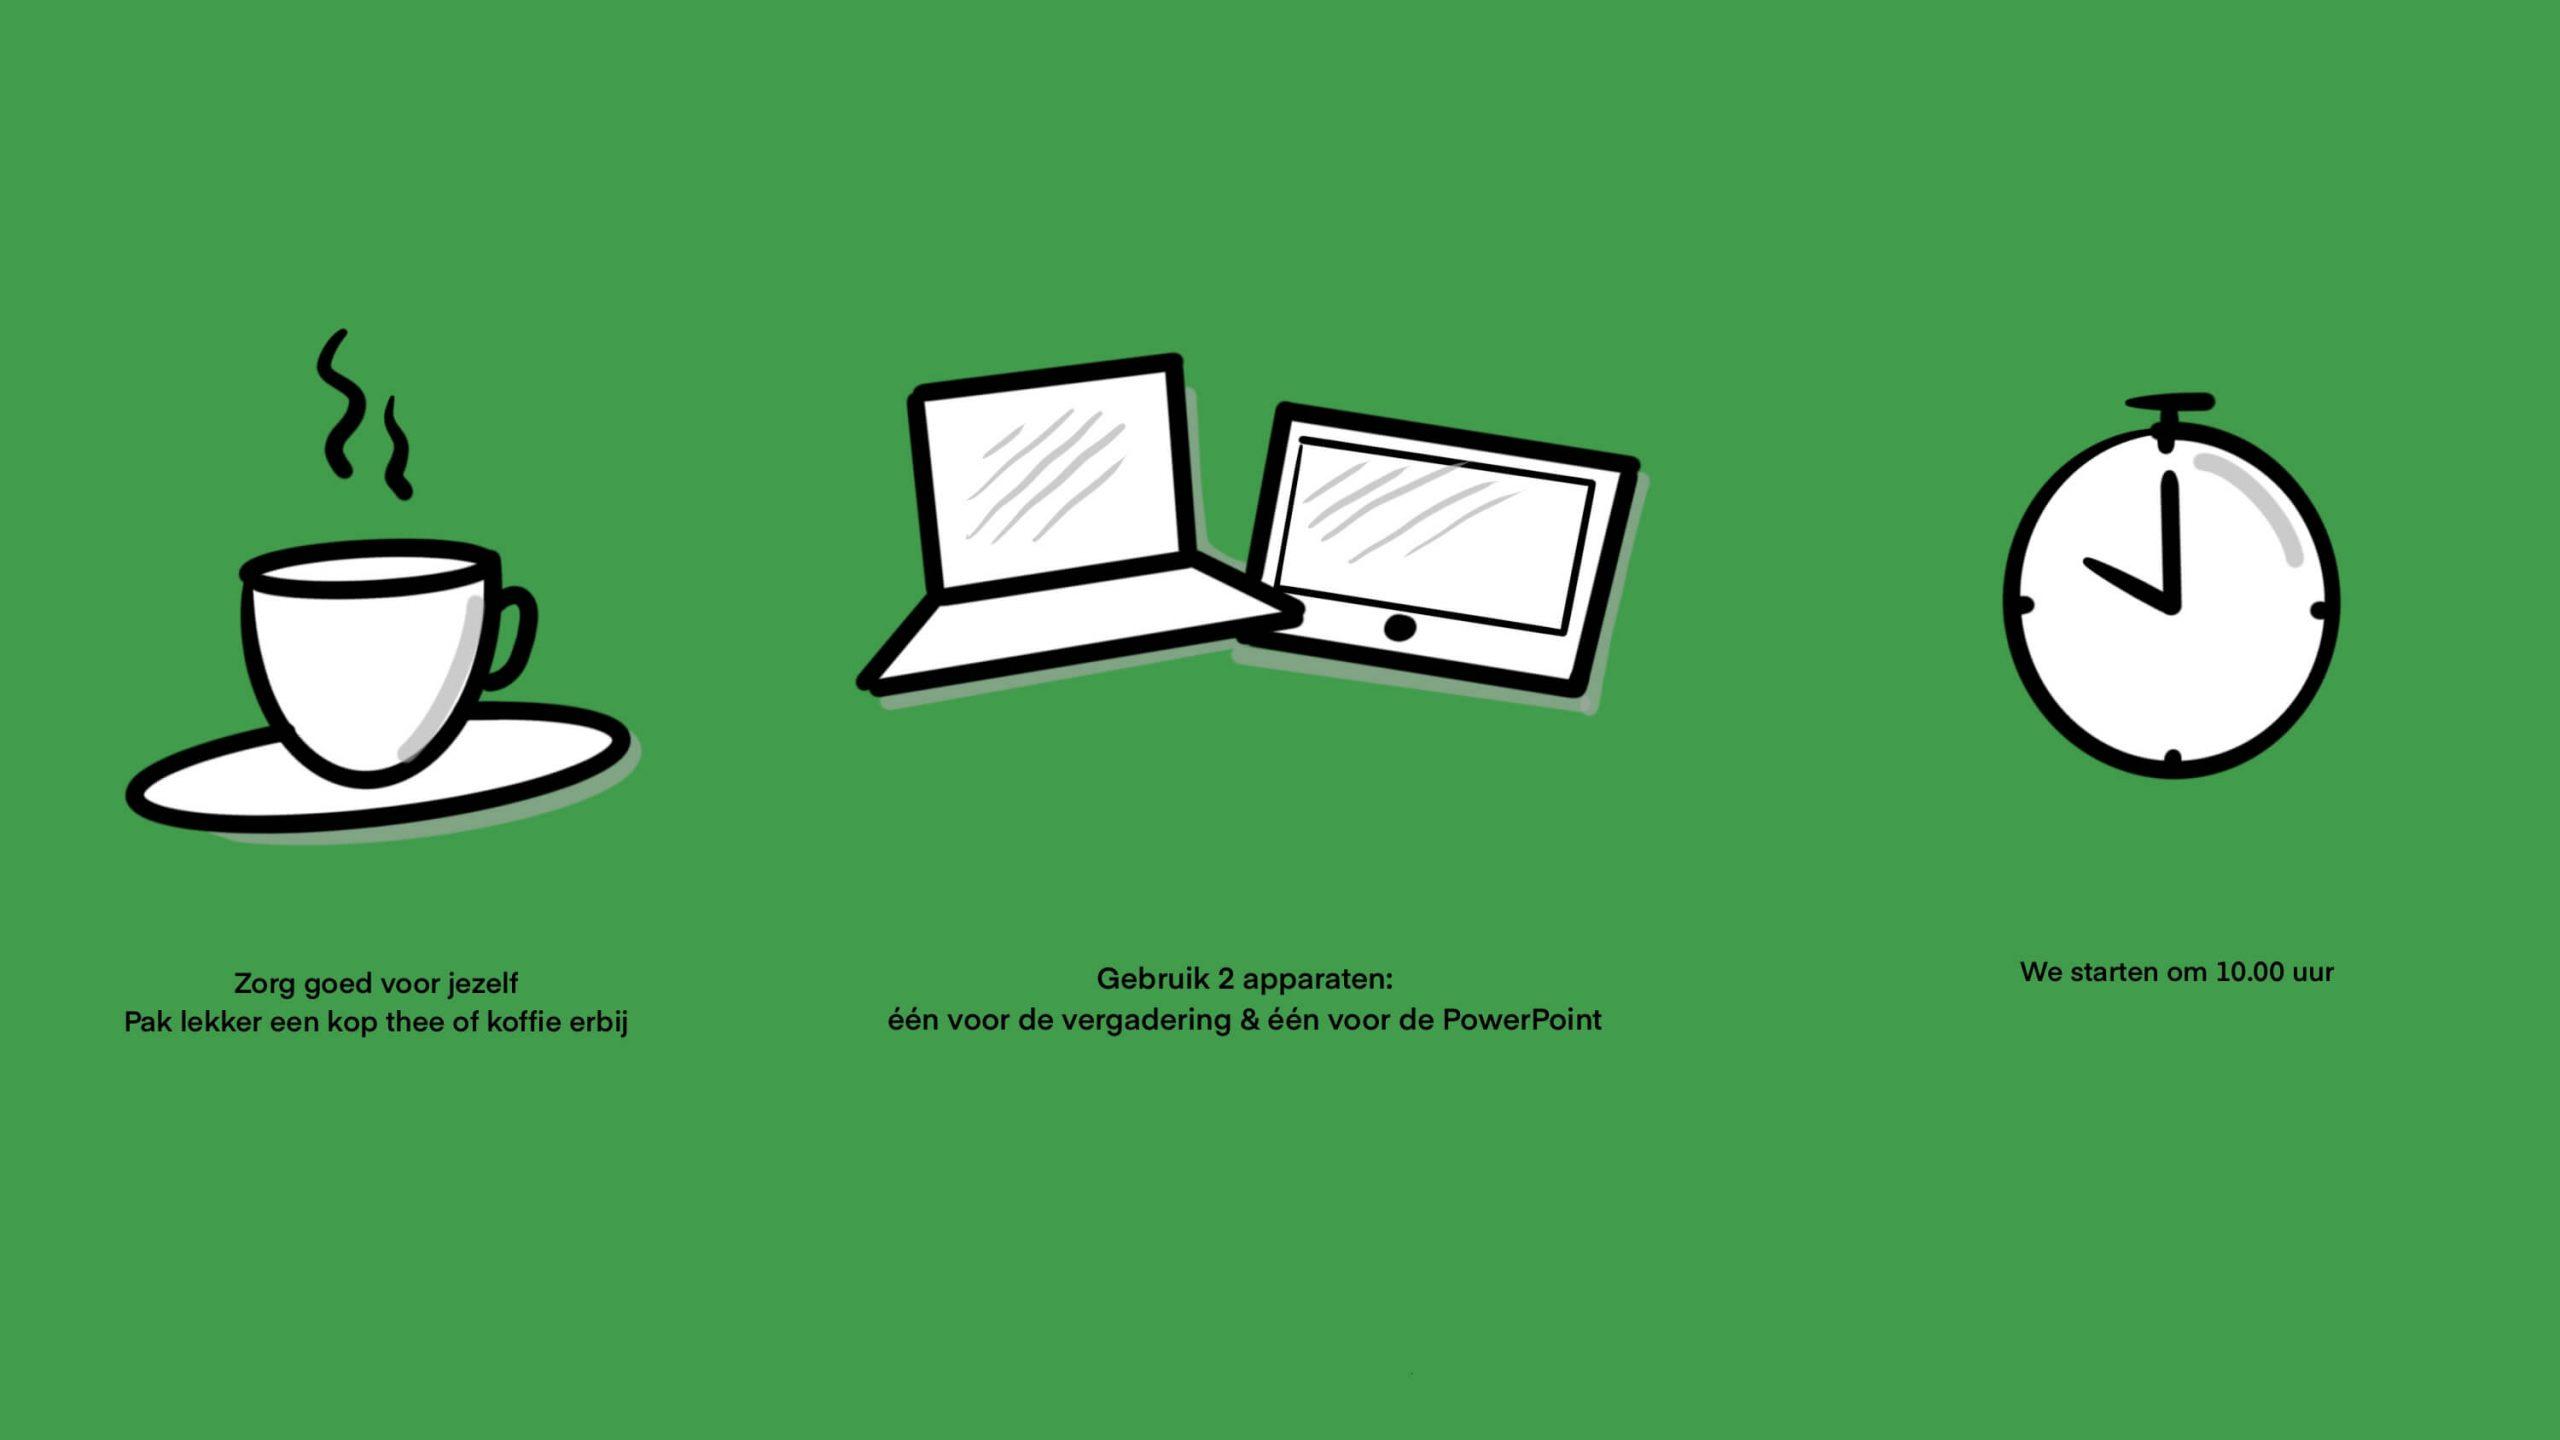 Powerpoint slide - voorbeeld uitleg regels online meeting